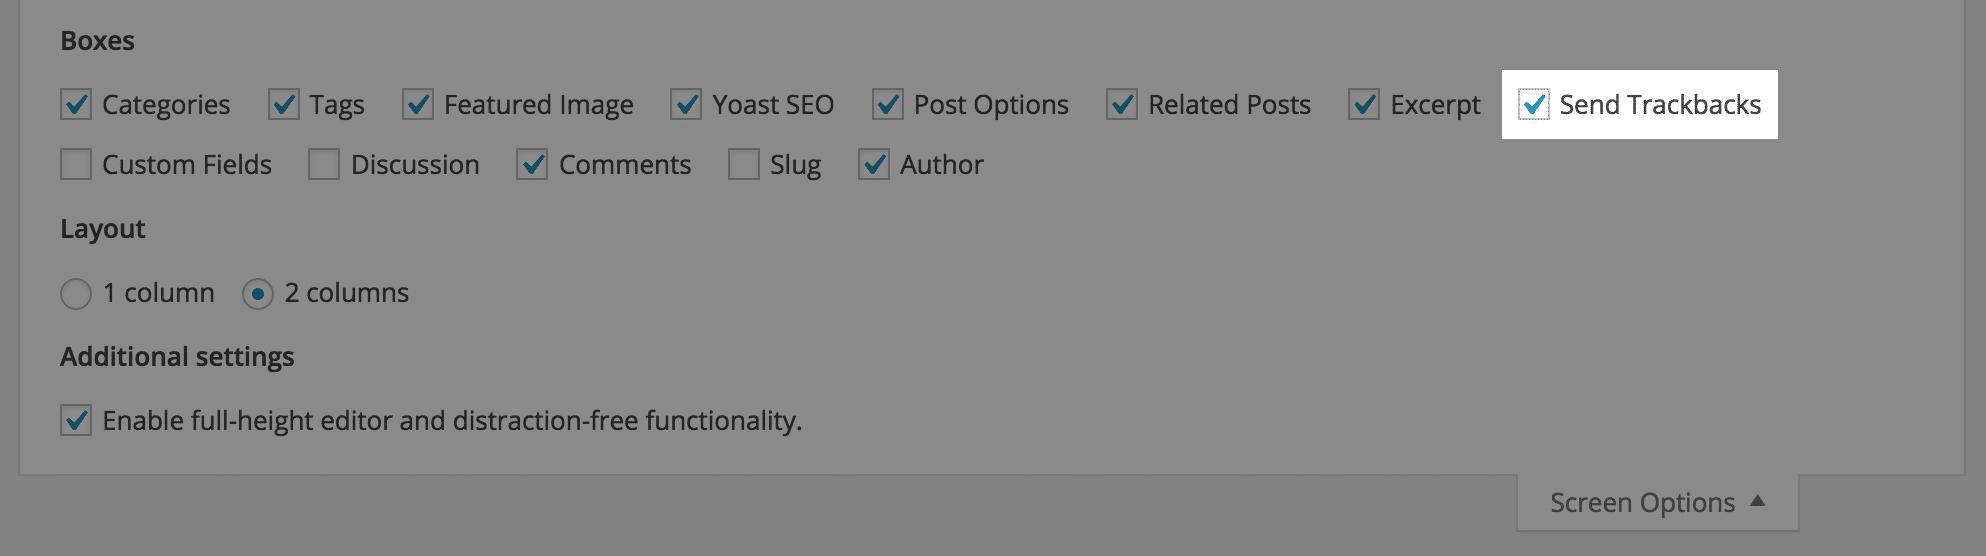 Definição da vista de Trackback na secção de opções de ecrã do WordPress